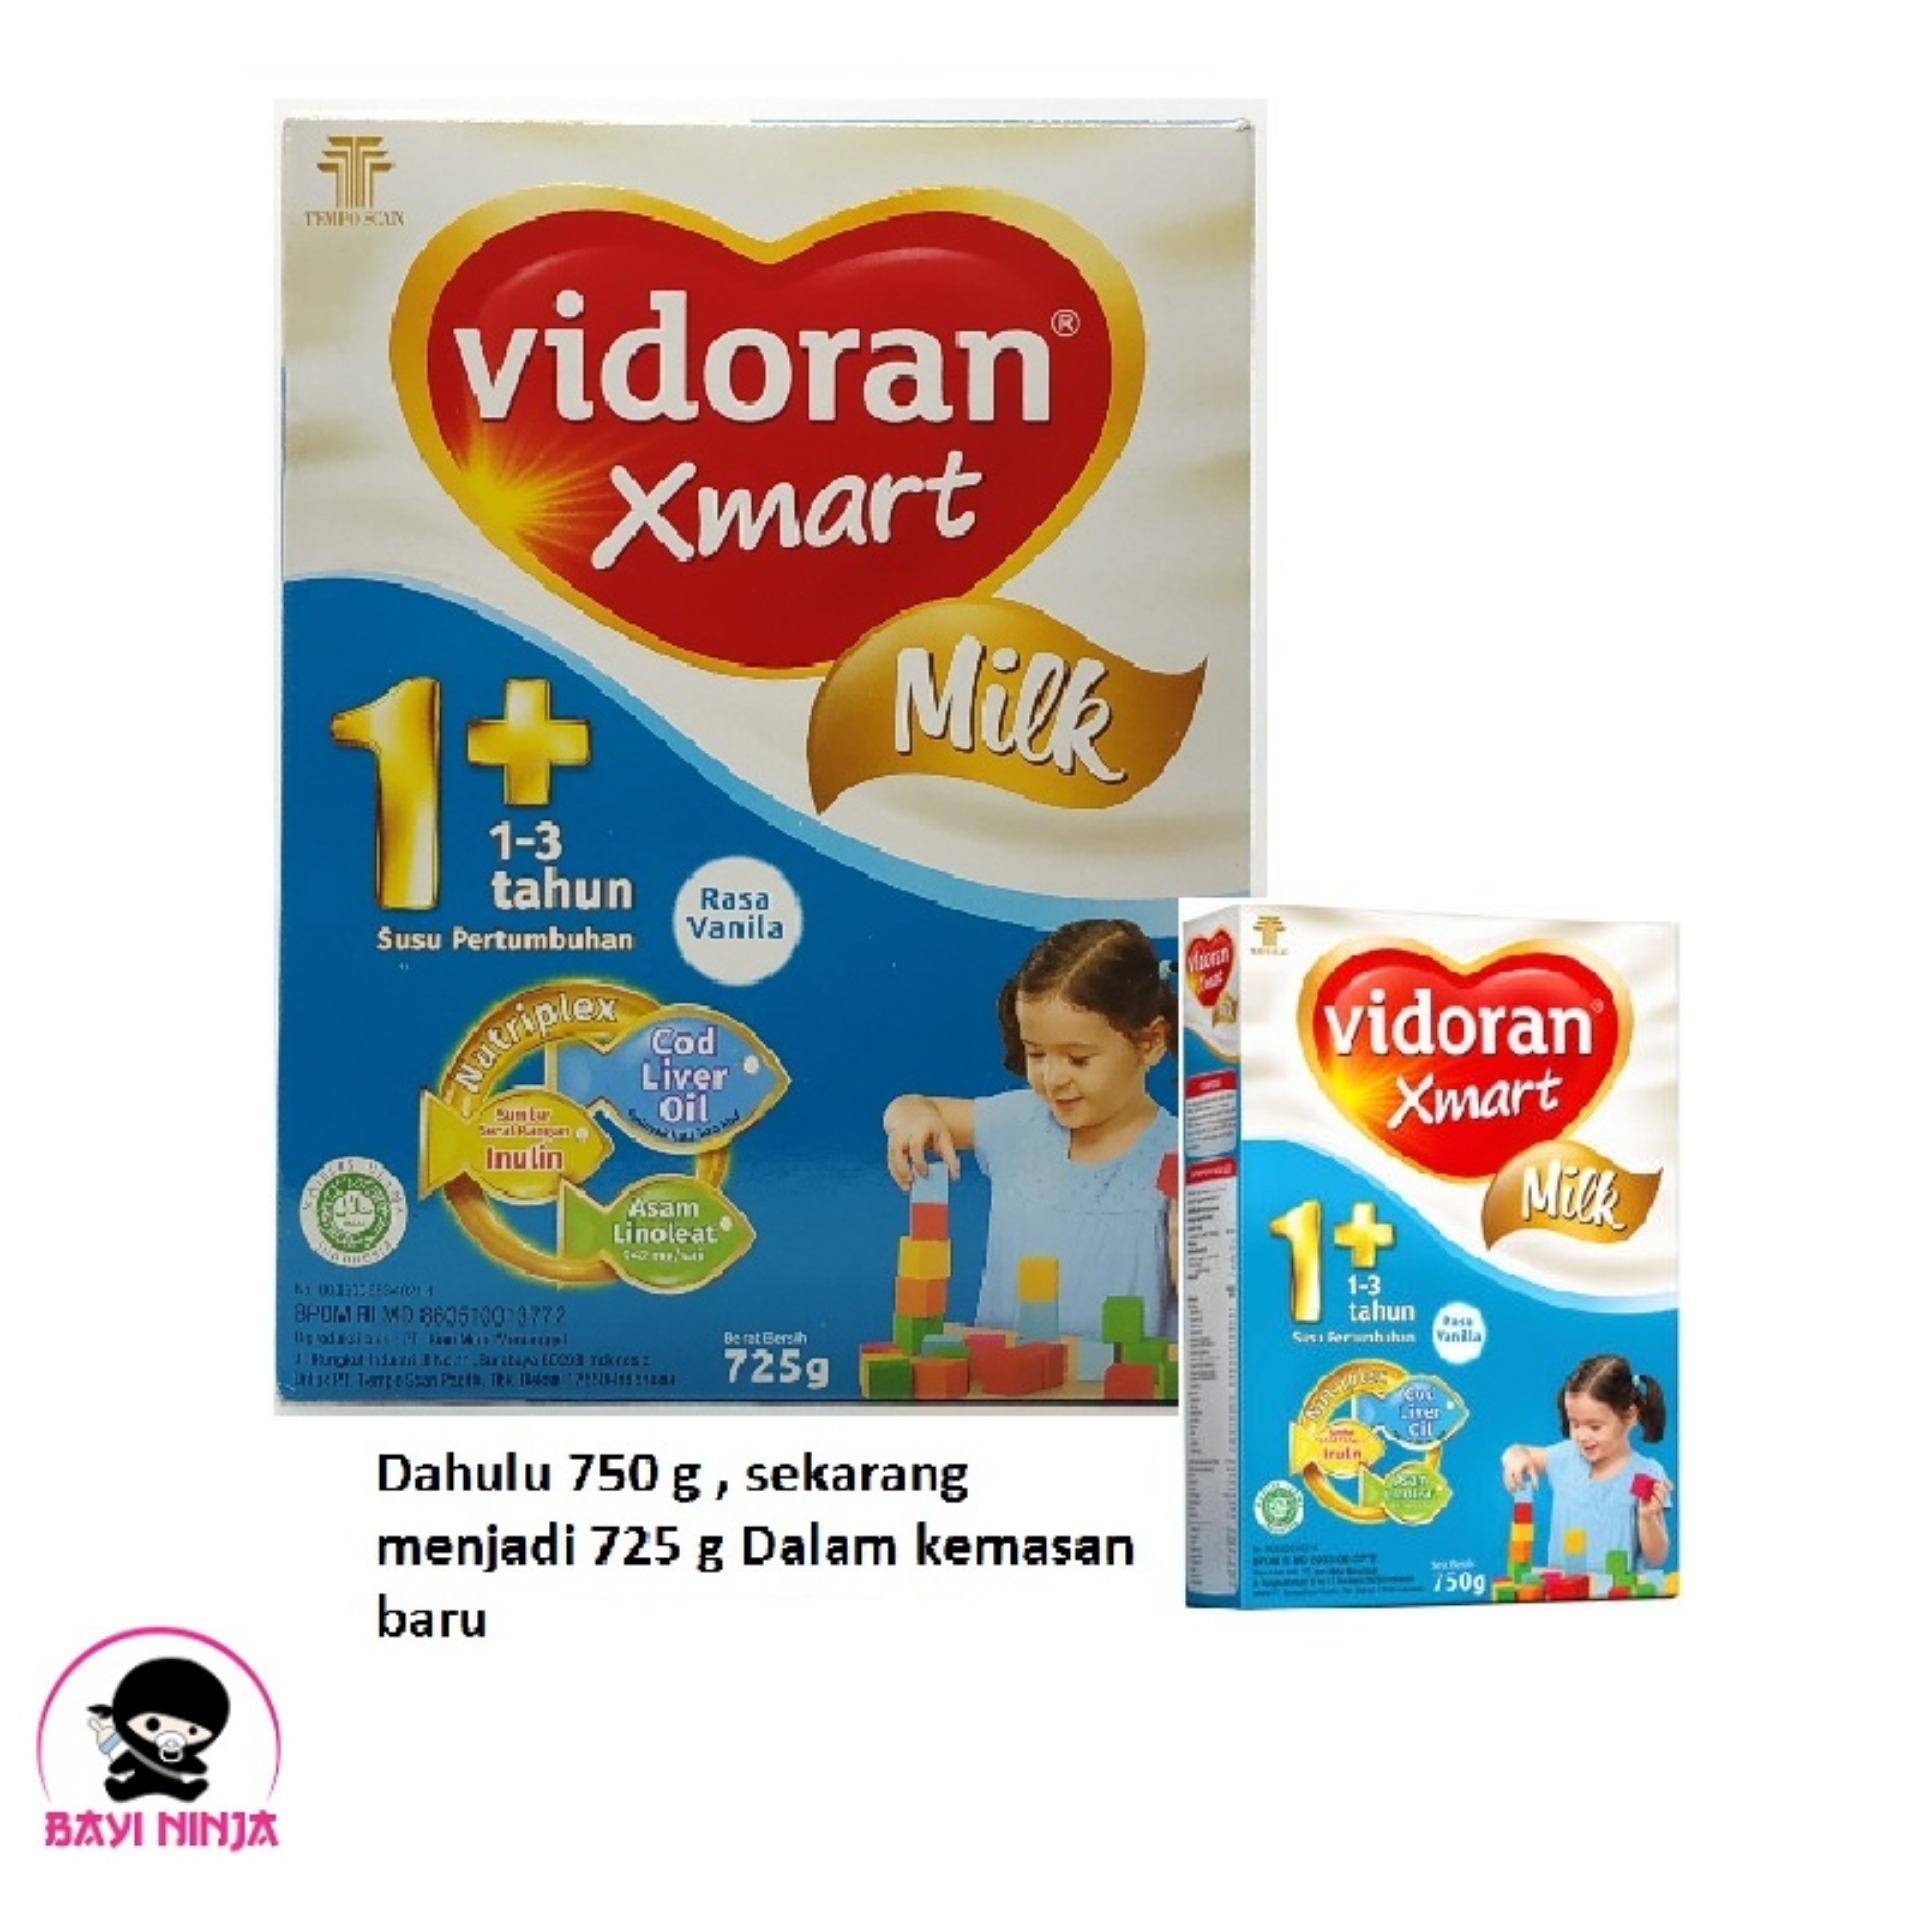 VIDORAN Xmart 1 + Vanila Susu Box 725g / 725 g